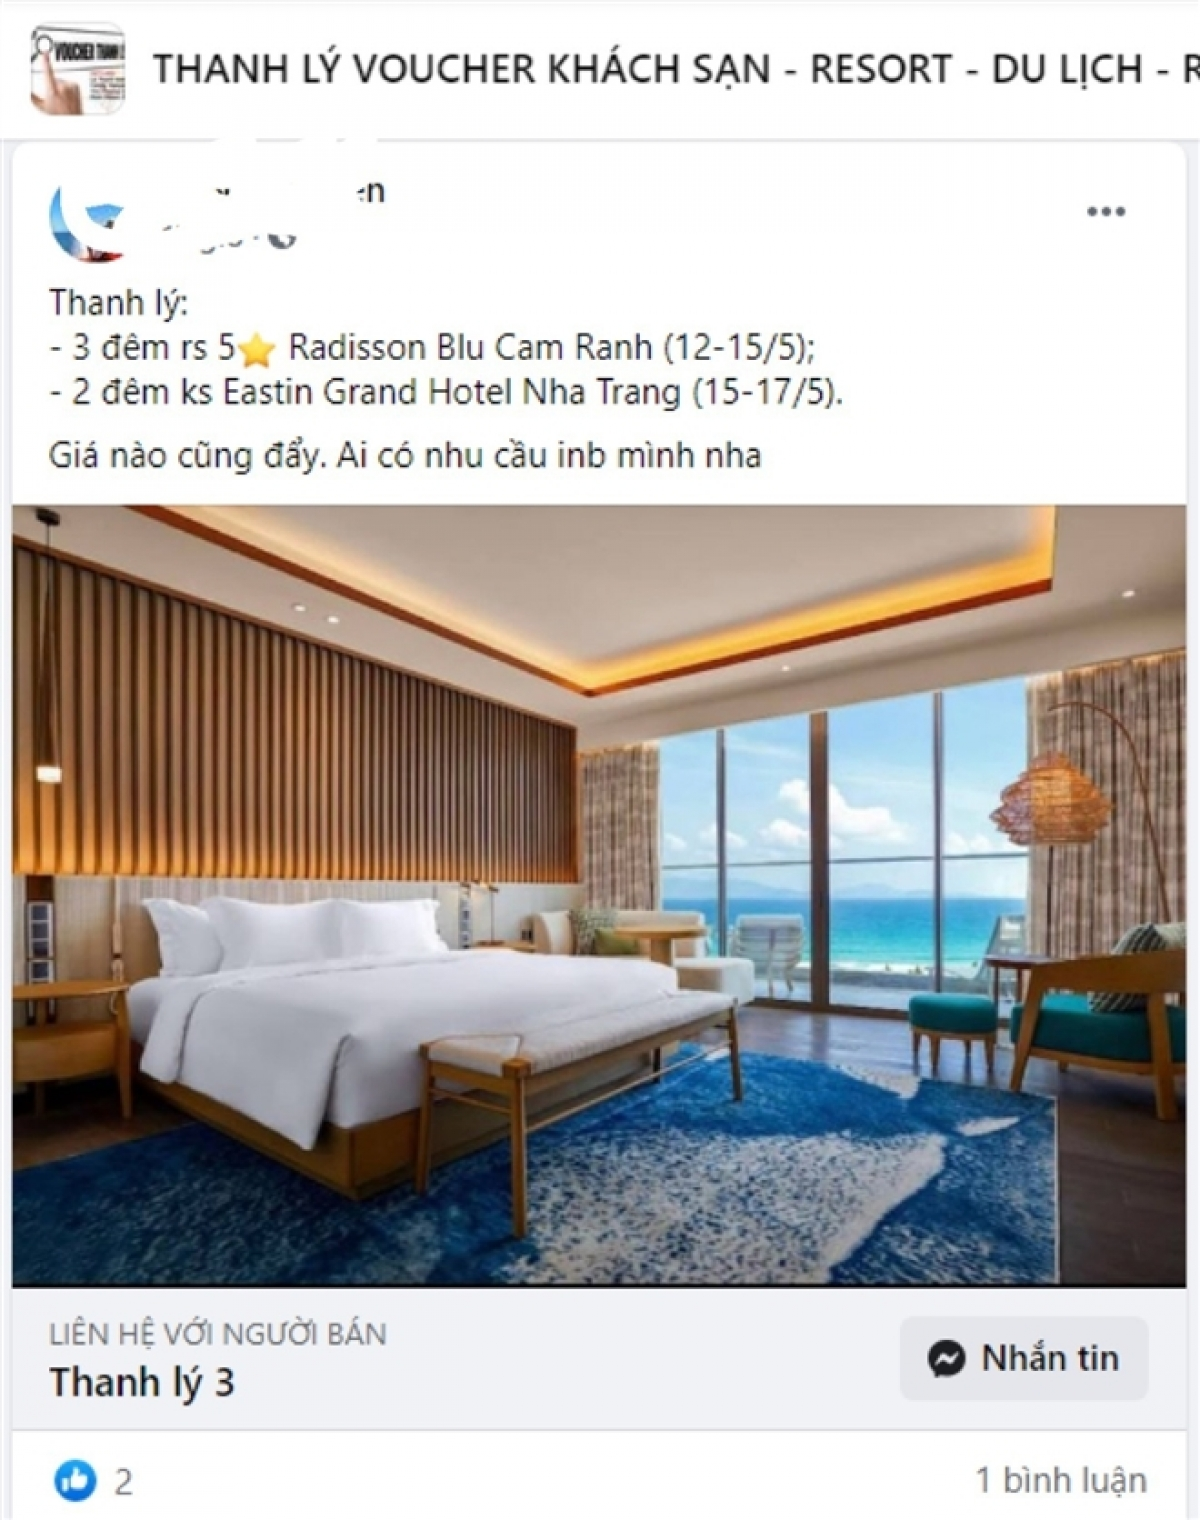 """Gần đến hạn sử dụng nên voucher khách sạn 5 sao này được chủ nhân rao bán với lời hứa hẹn """"Giá nào cũng đẩy"""". (Ảnh chụp màn hình)."""